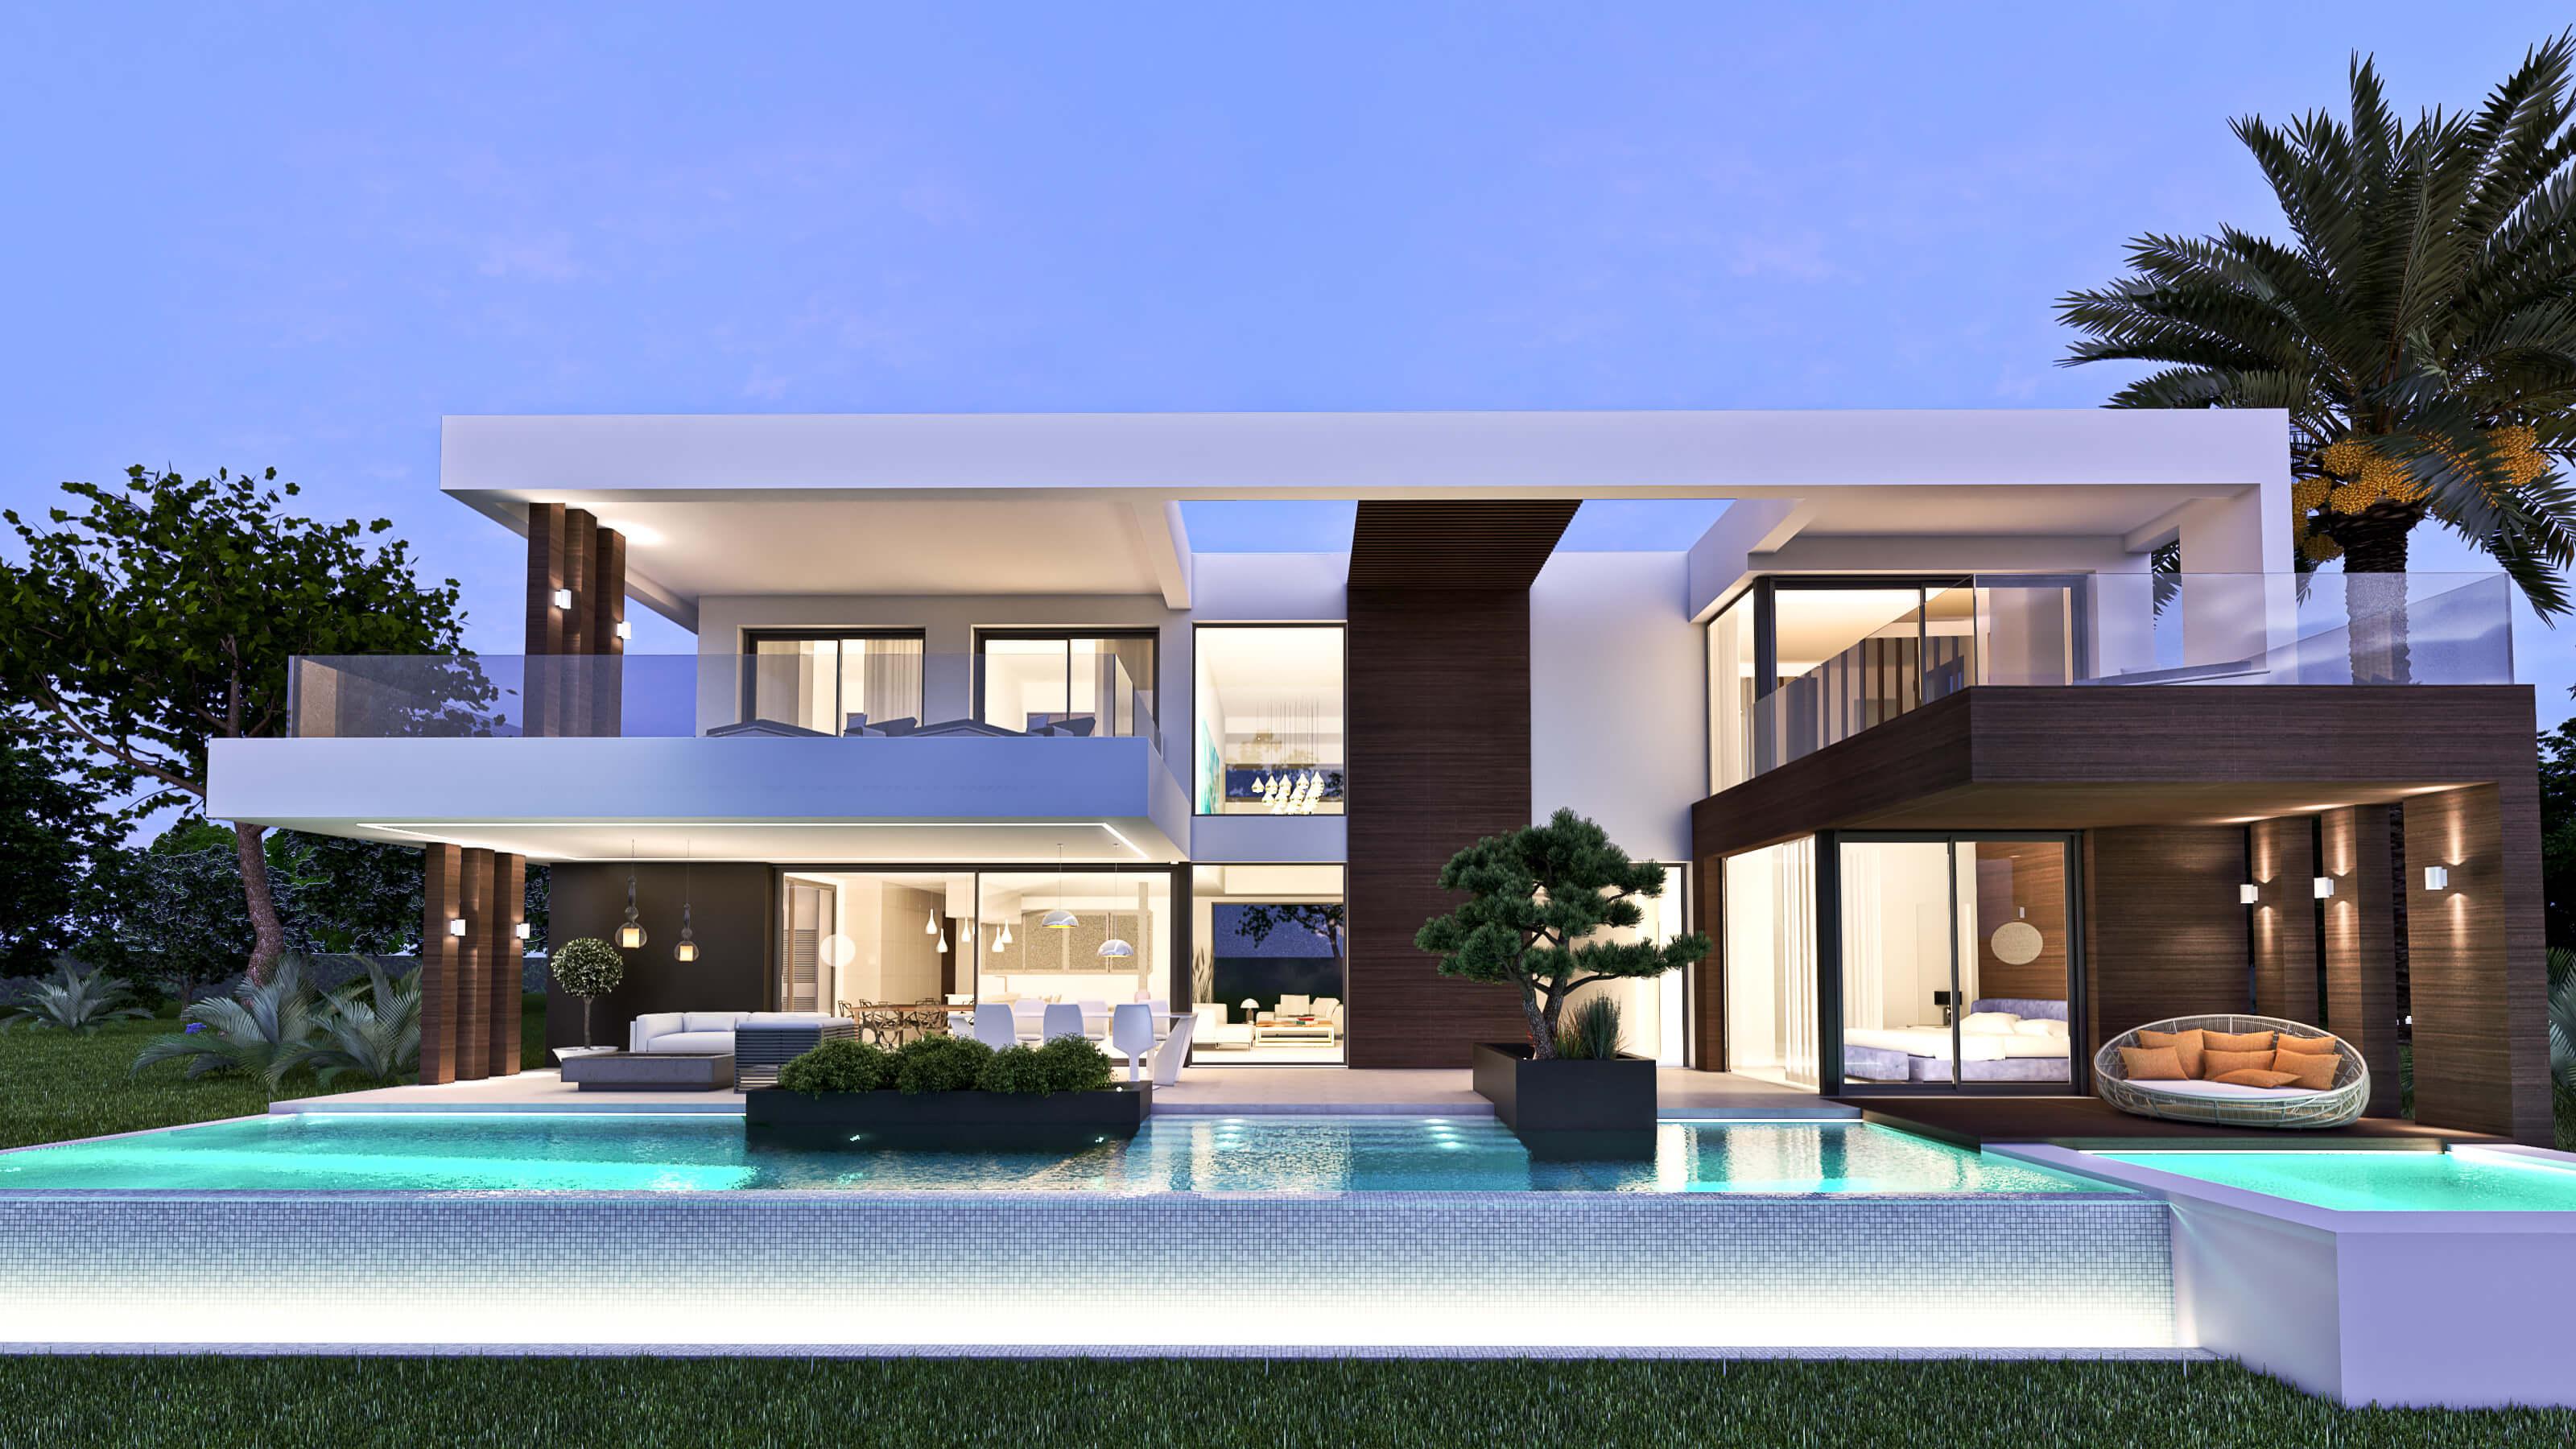 villamar moderne luxe villa kopen cancelada new golden mile estepona zeezicht vrijstaand zwembad hedendaags